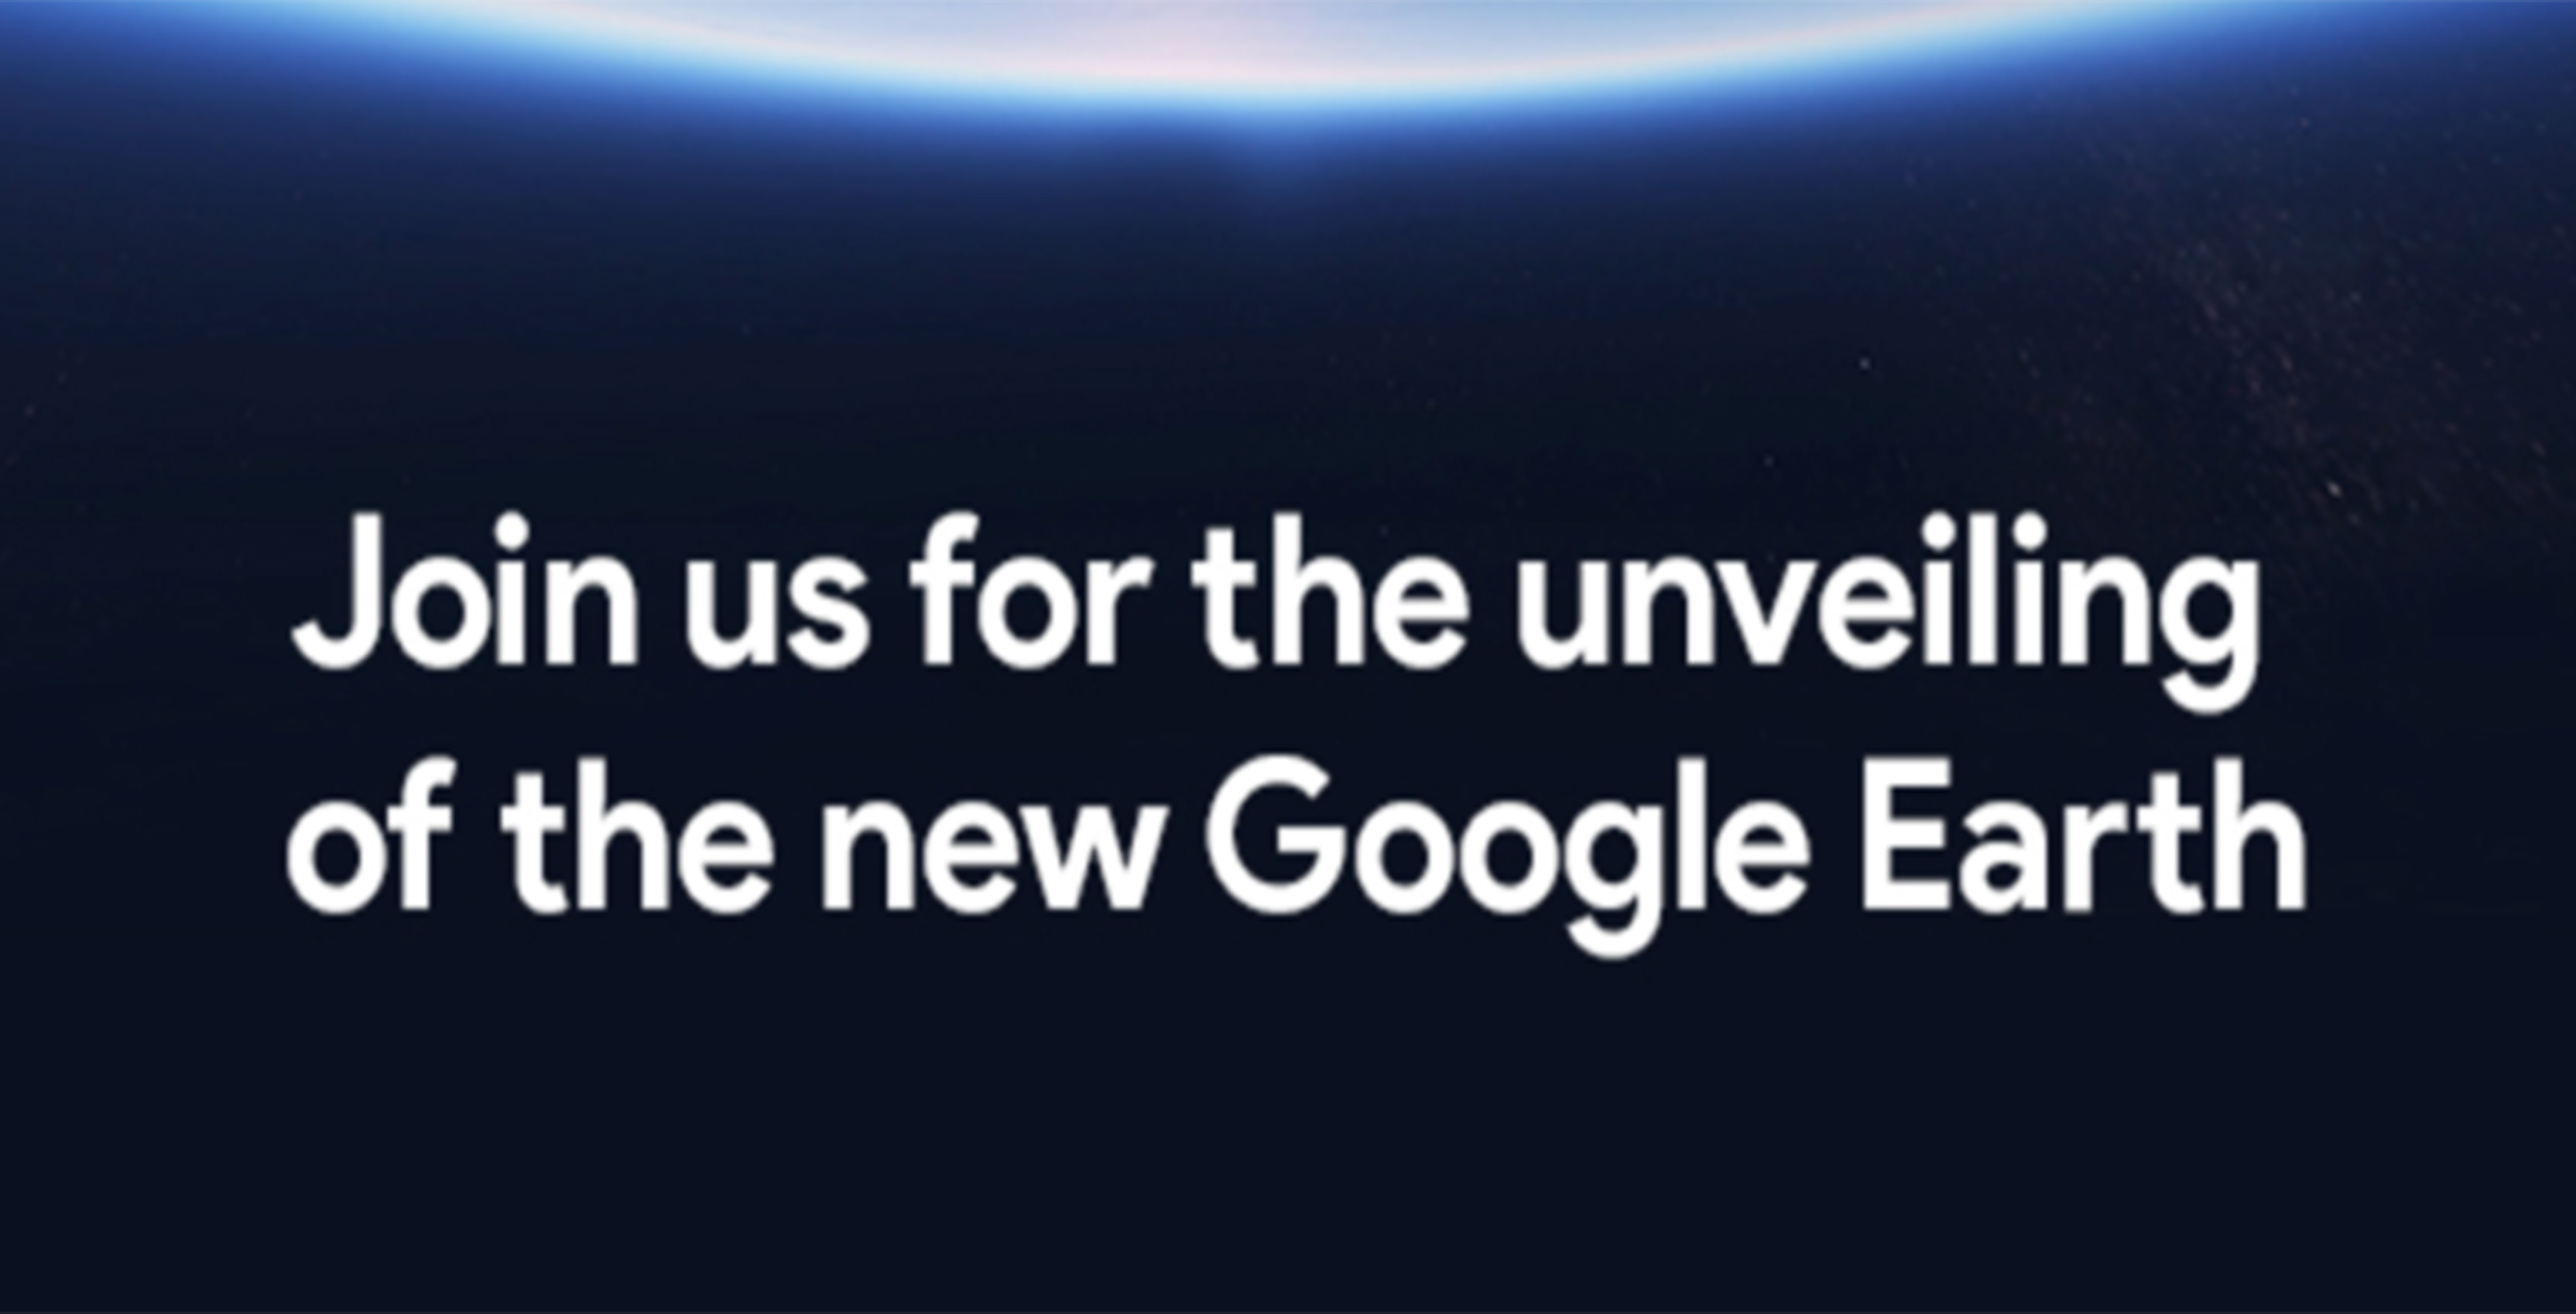 New Google Earth press event invite